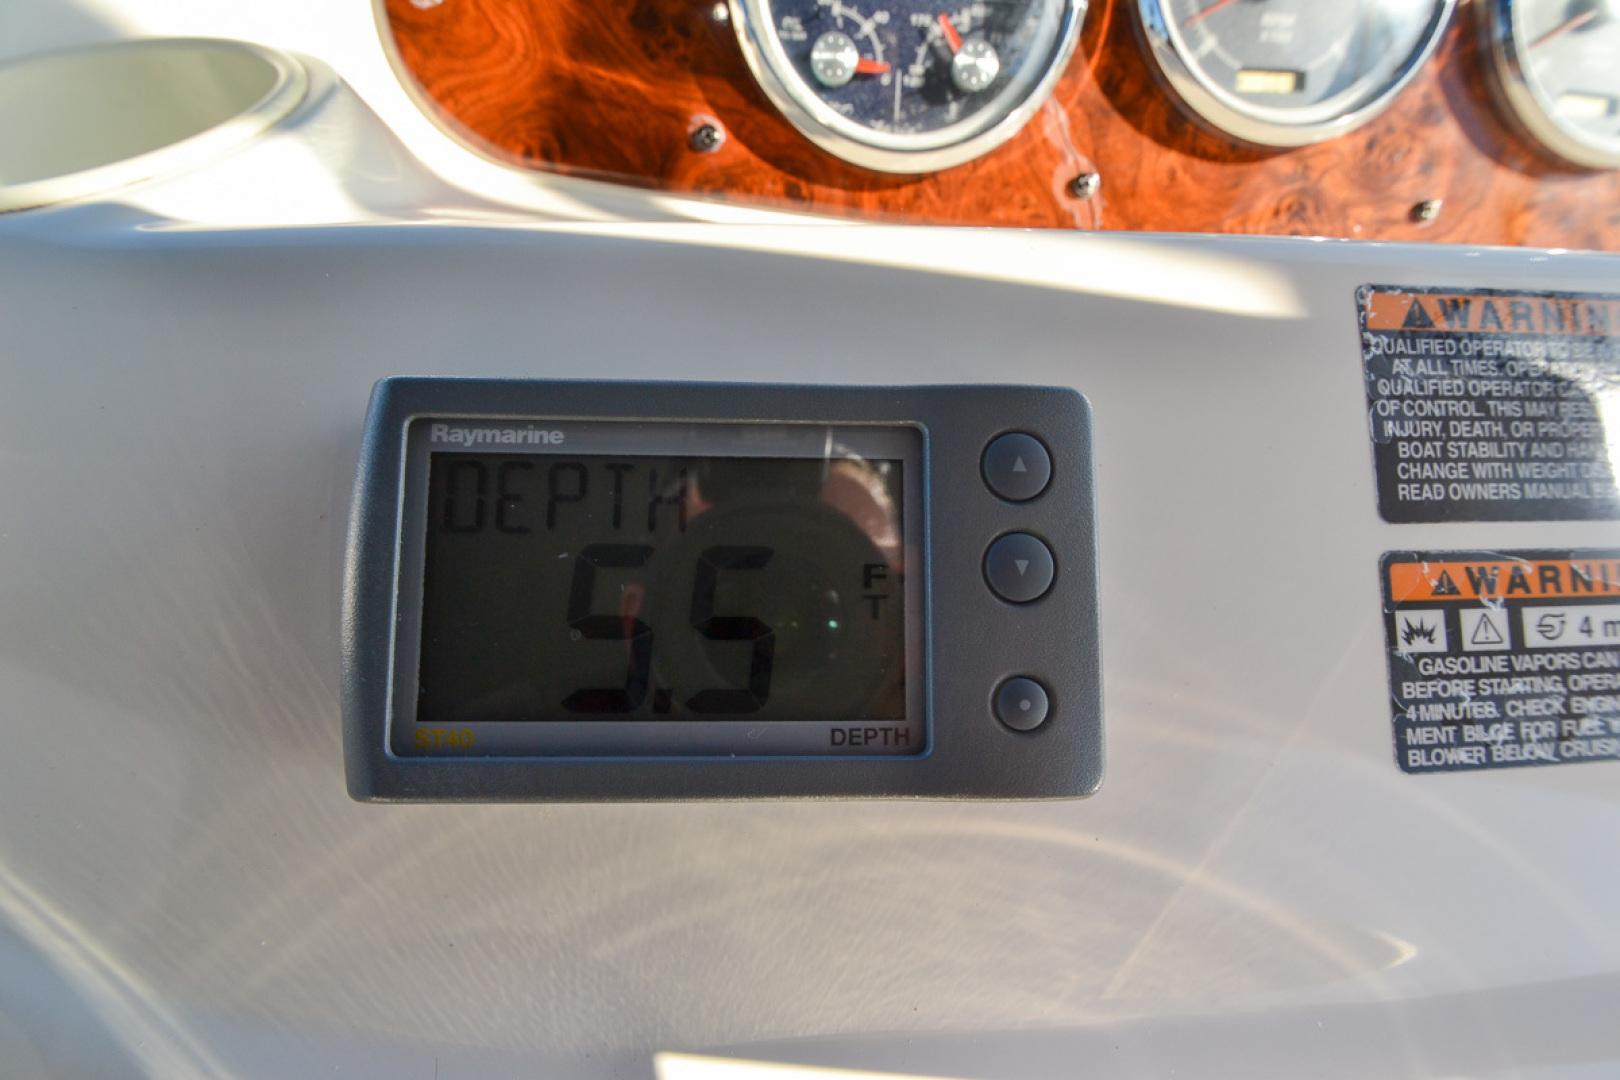 Meridian-341 Sedan 2004-Sea Harmony Belleair Beach-Florida-United States-1496638 | Thumbnail